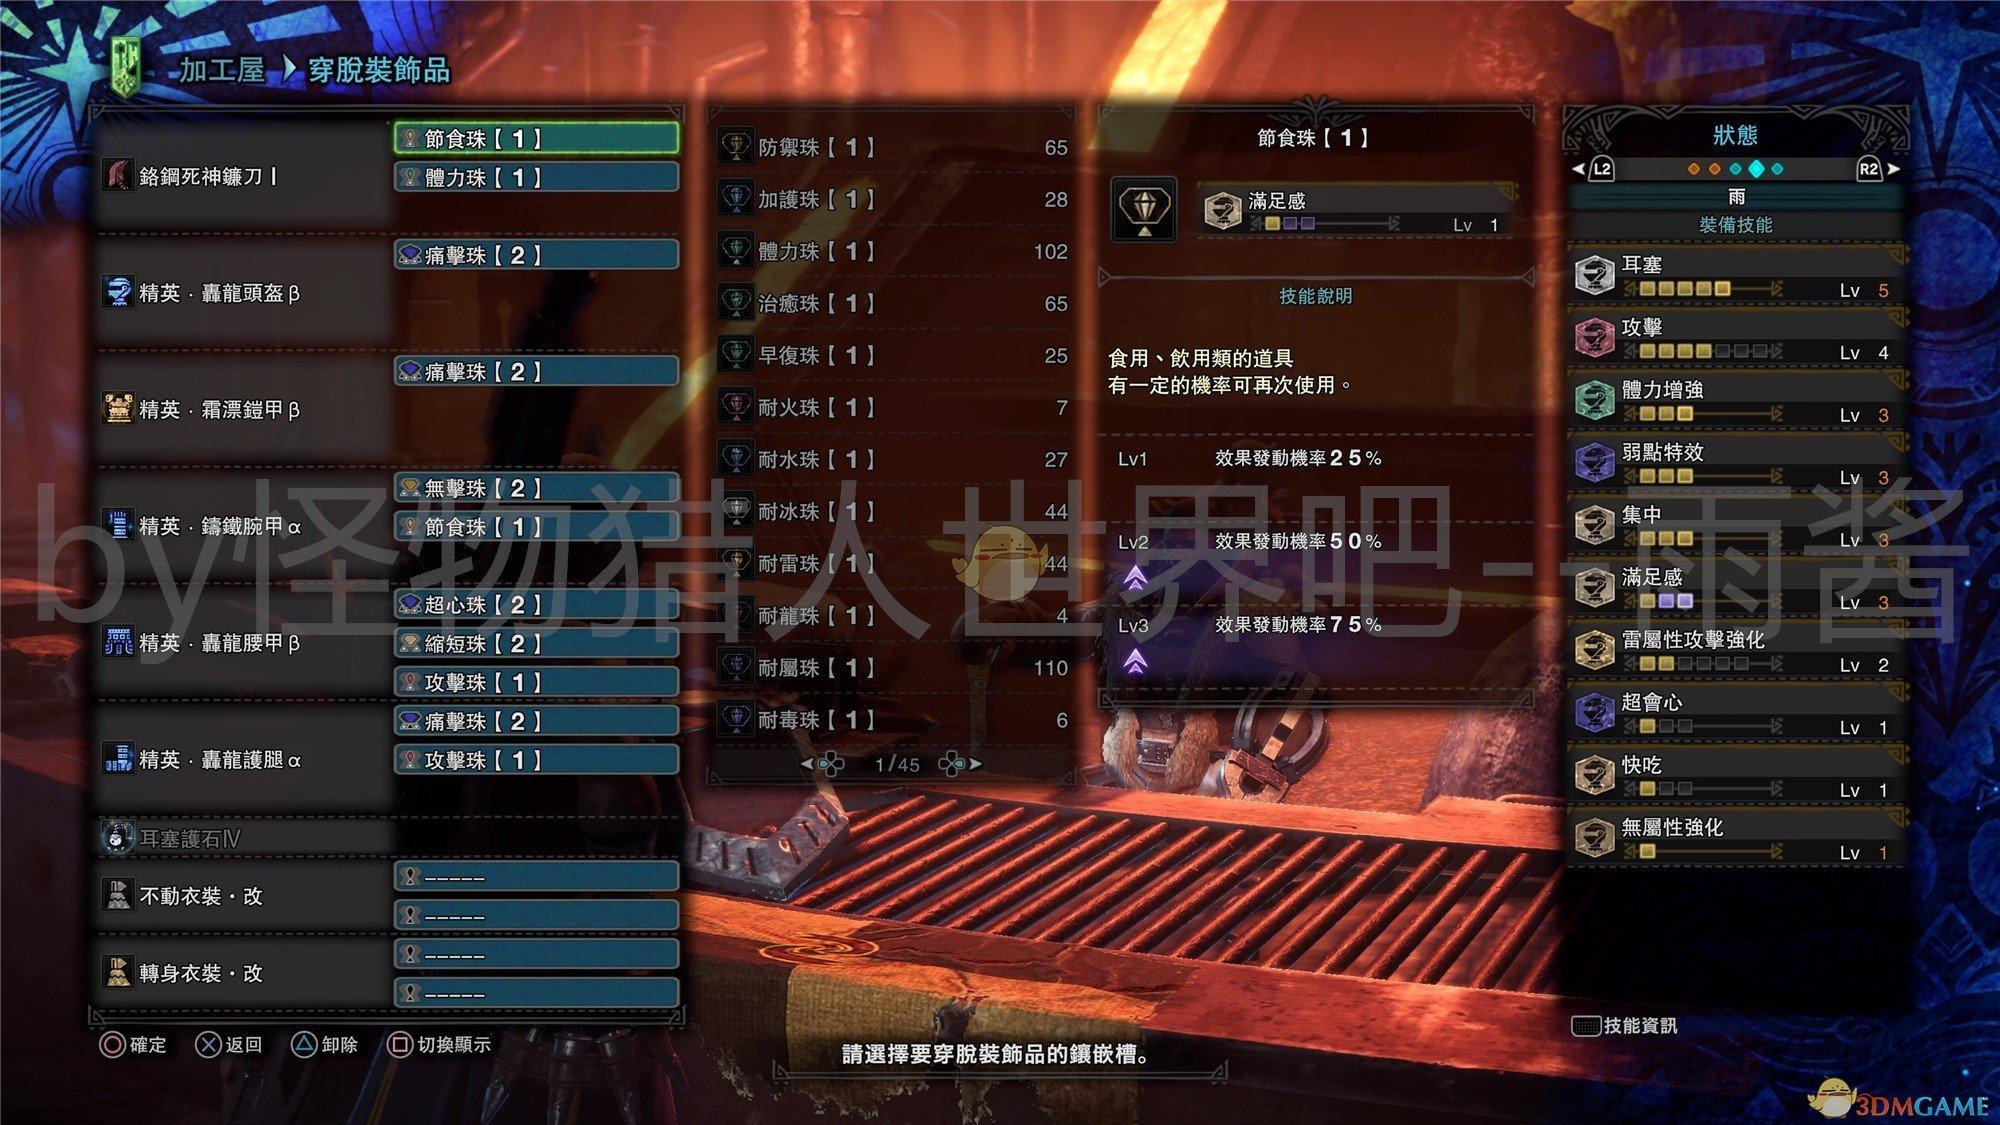 《怪物猎人:世界》冰原DLC大剑开荒全配装分享